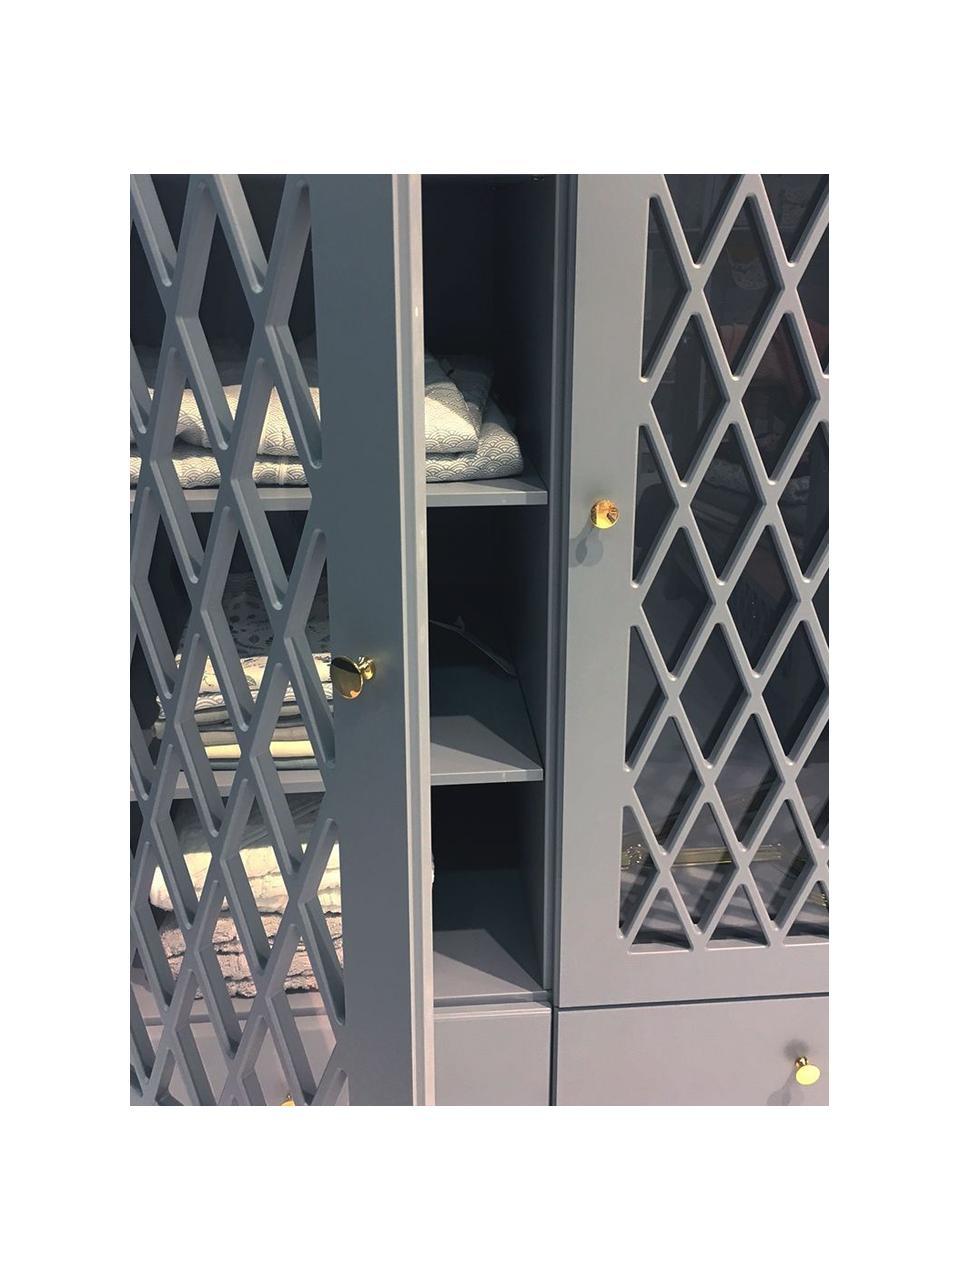 Schrank Harlequin, Front: Plexiglas, Griffe: Messing, Grau, 106 x 176 cm